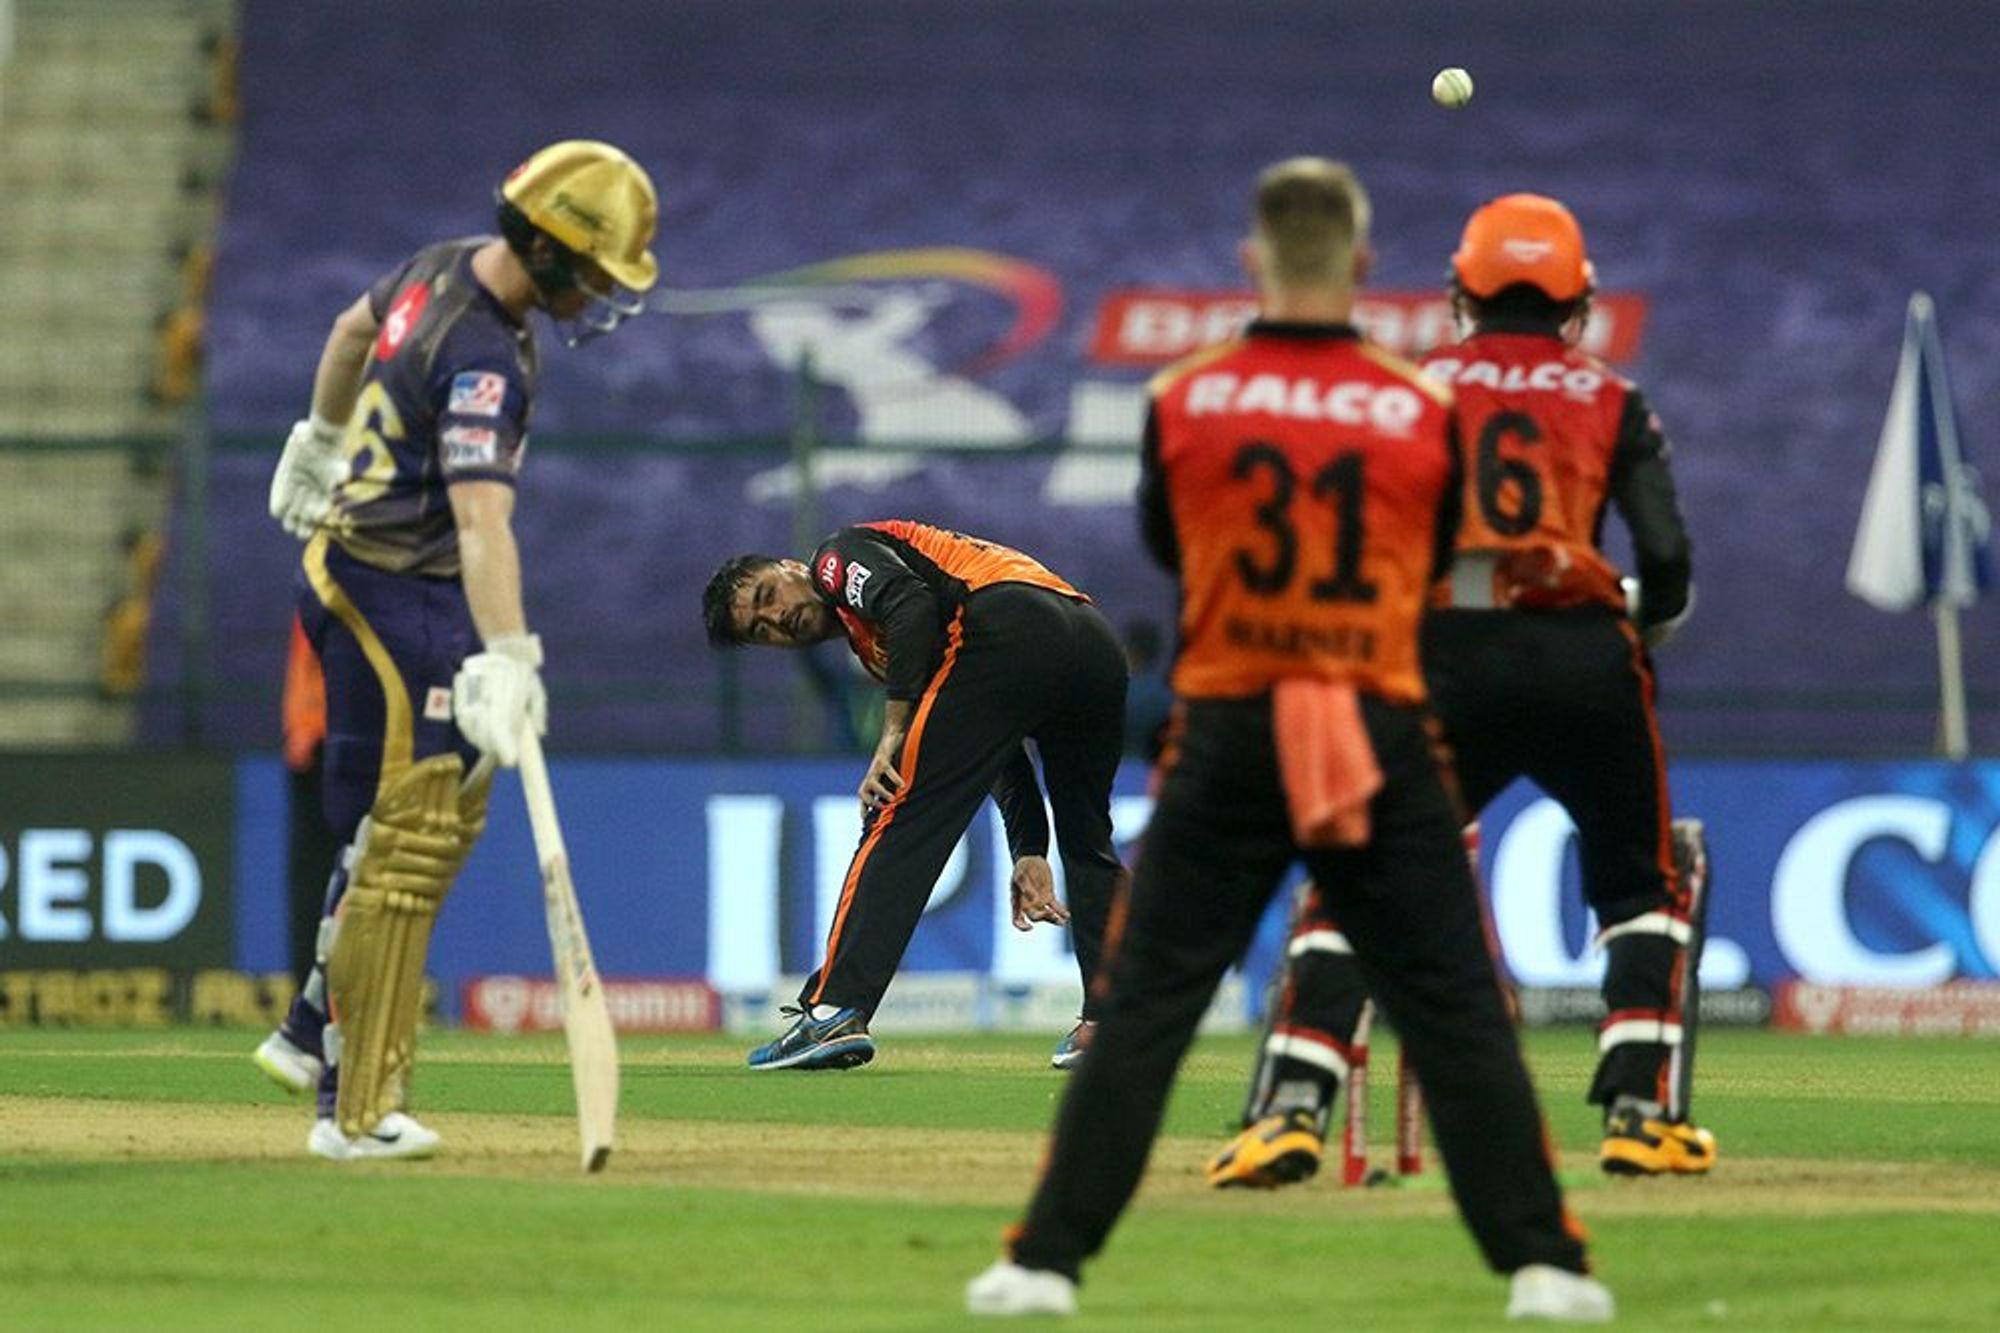 KKRvsSRH : शुभमन गिल ने खोला राज, इस वजह से इस ग्राउंड पर फ्लॉप रहे सभी बल्लेबाज 5